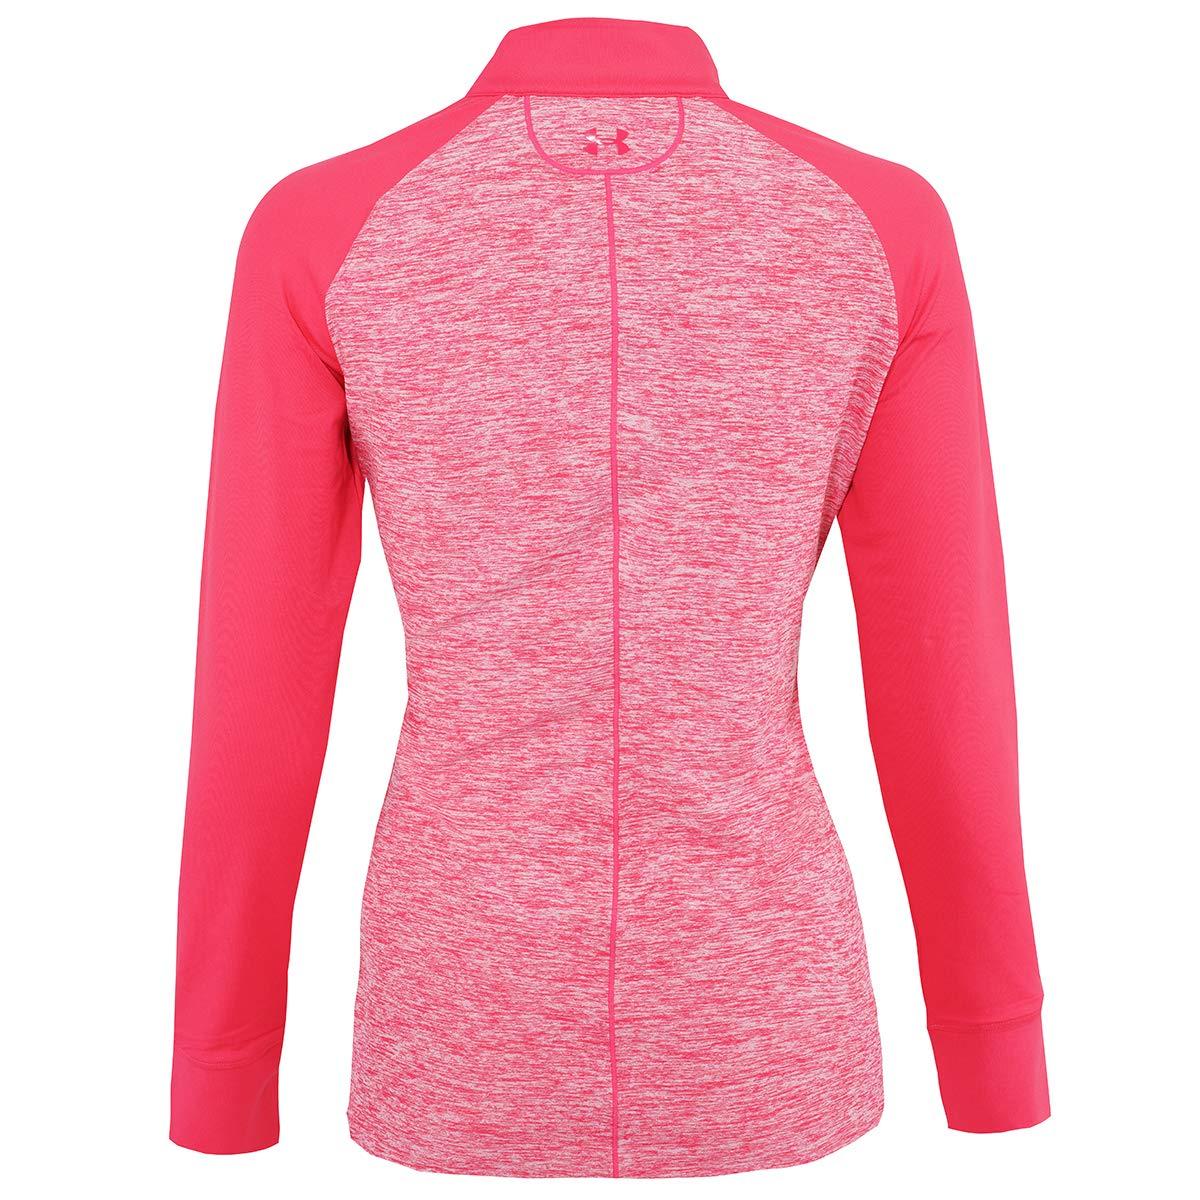 8d5345d945 Amazon.com : Under Armour Women's Zinger Twist 1/4 Zip Pullover ...